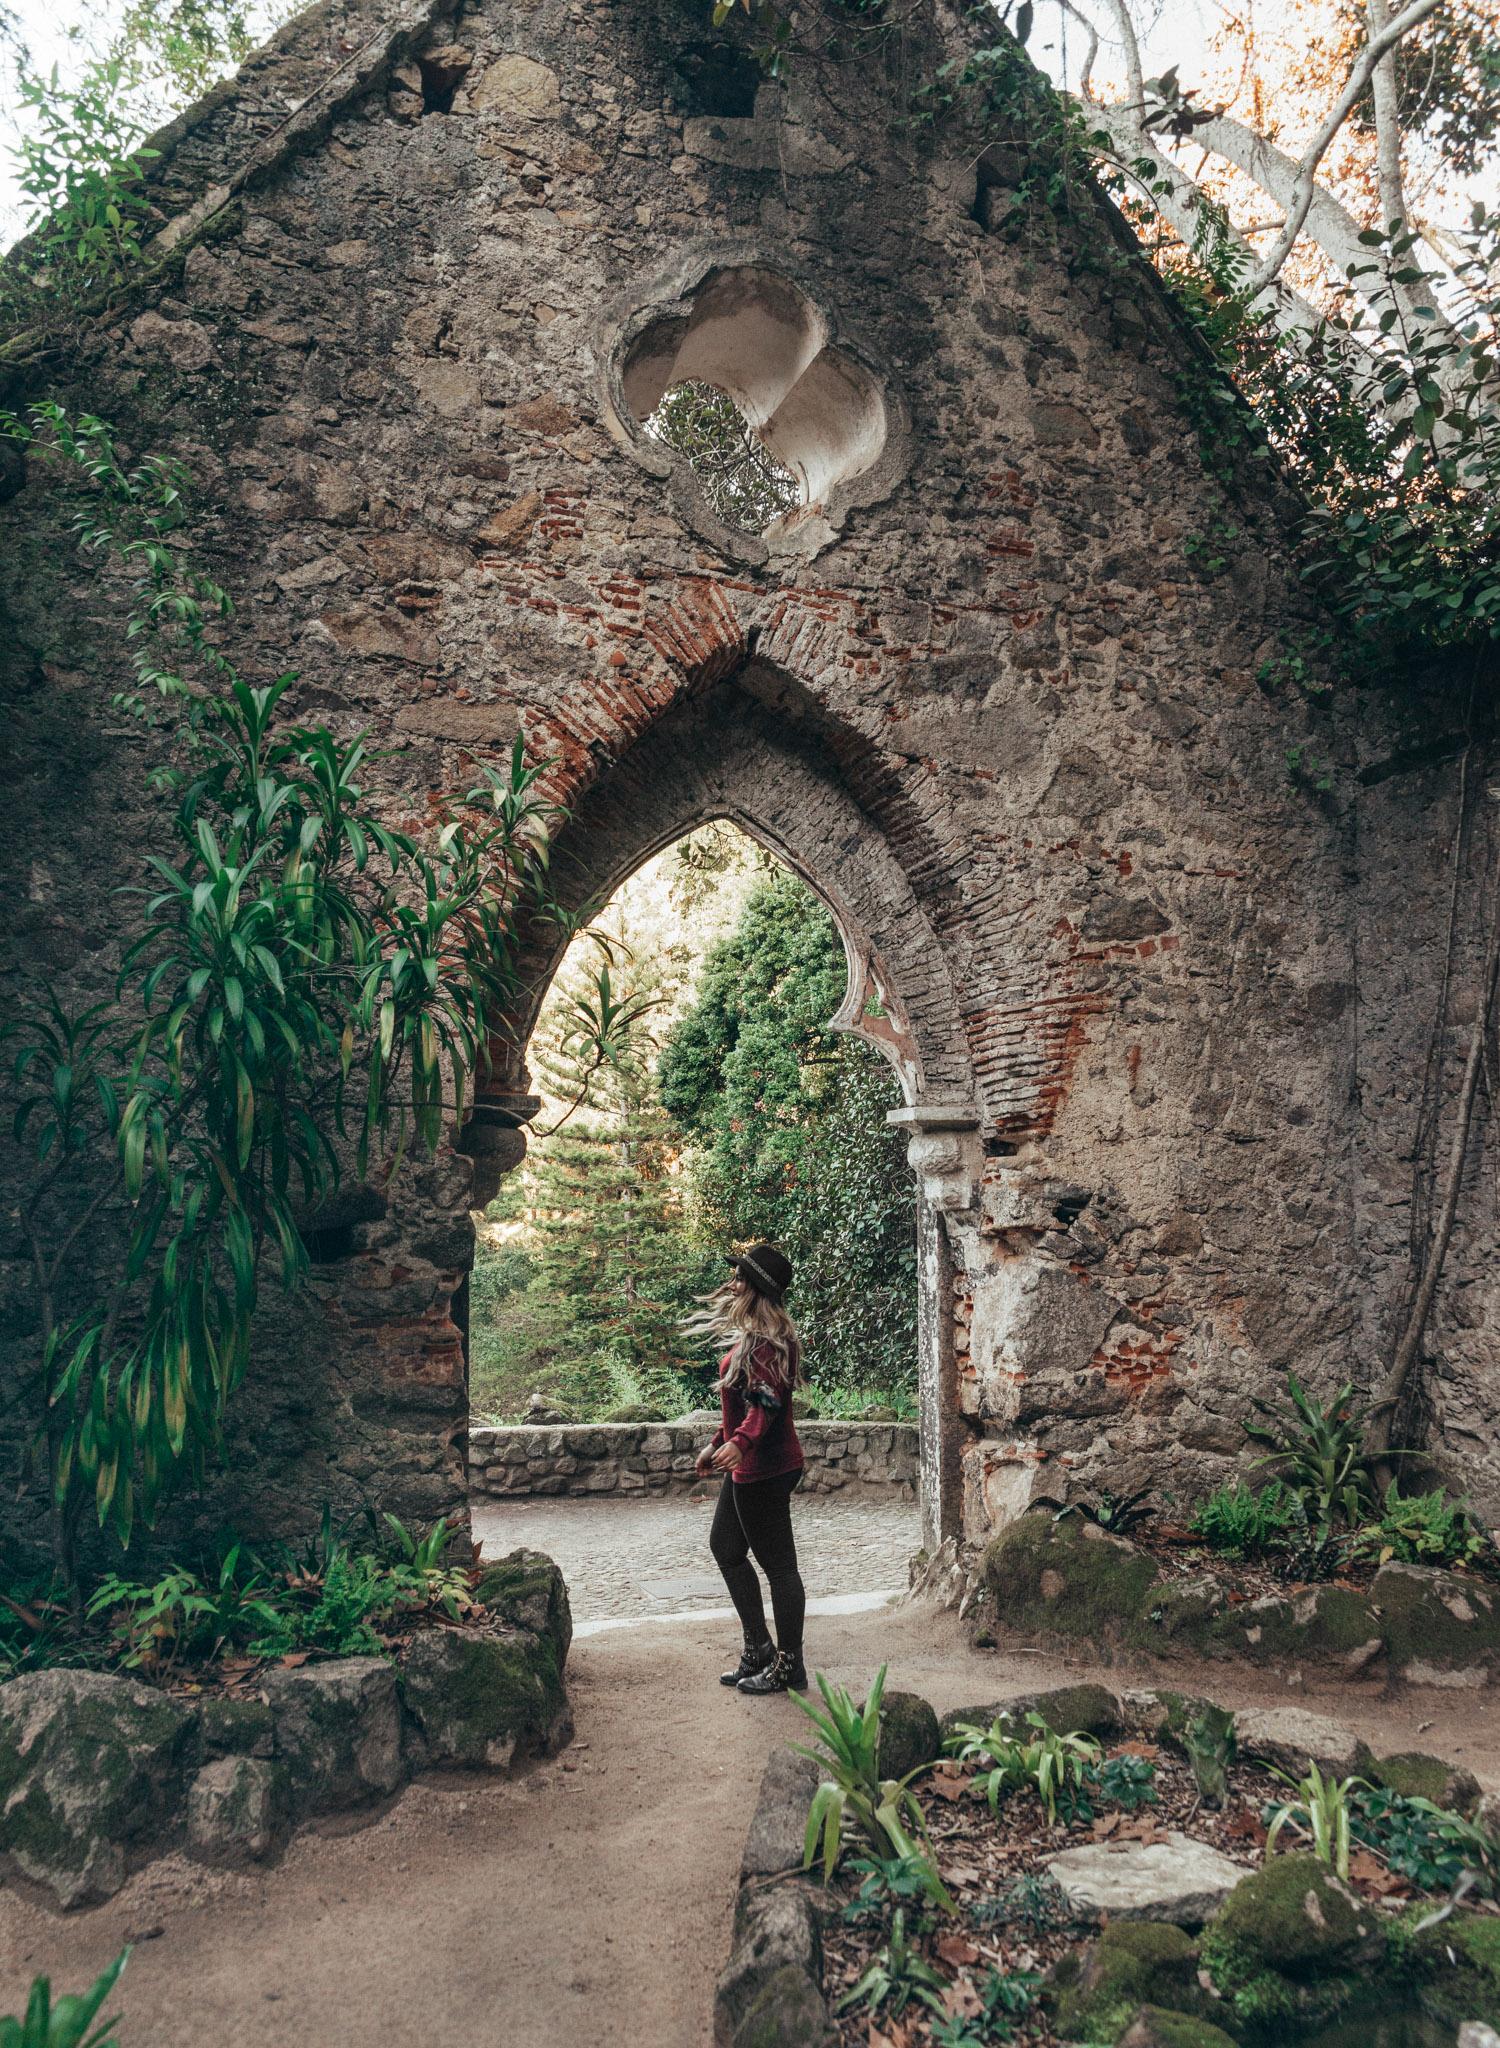 Adaras in Monserrate Palace garden, Portugal